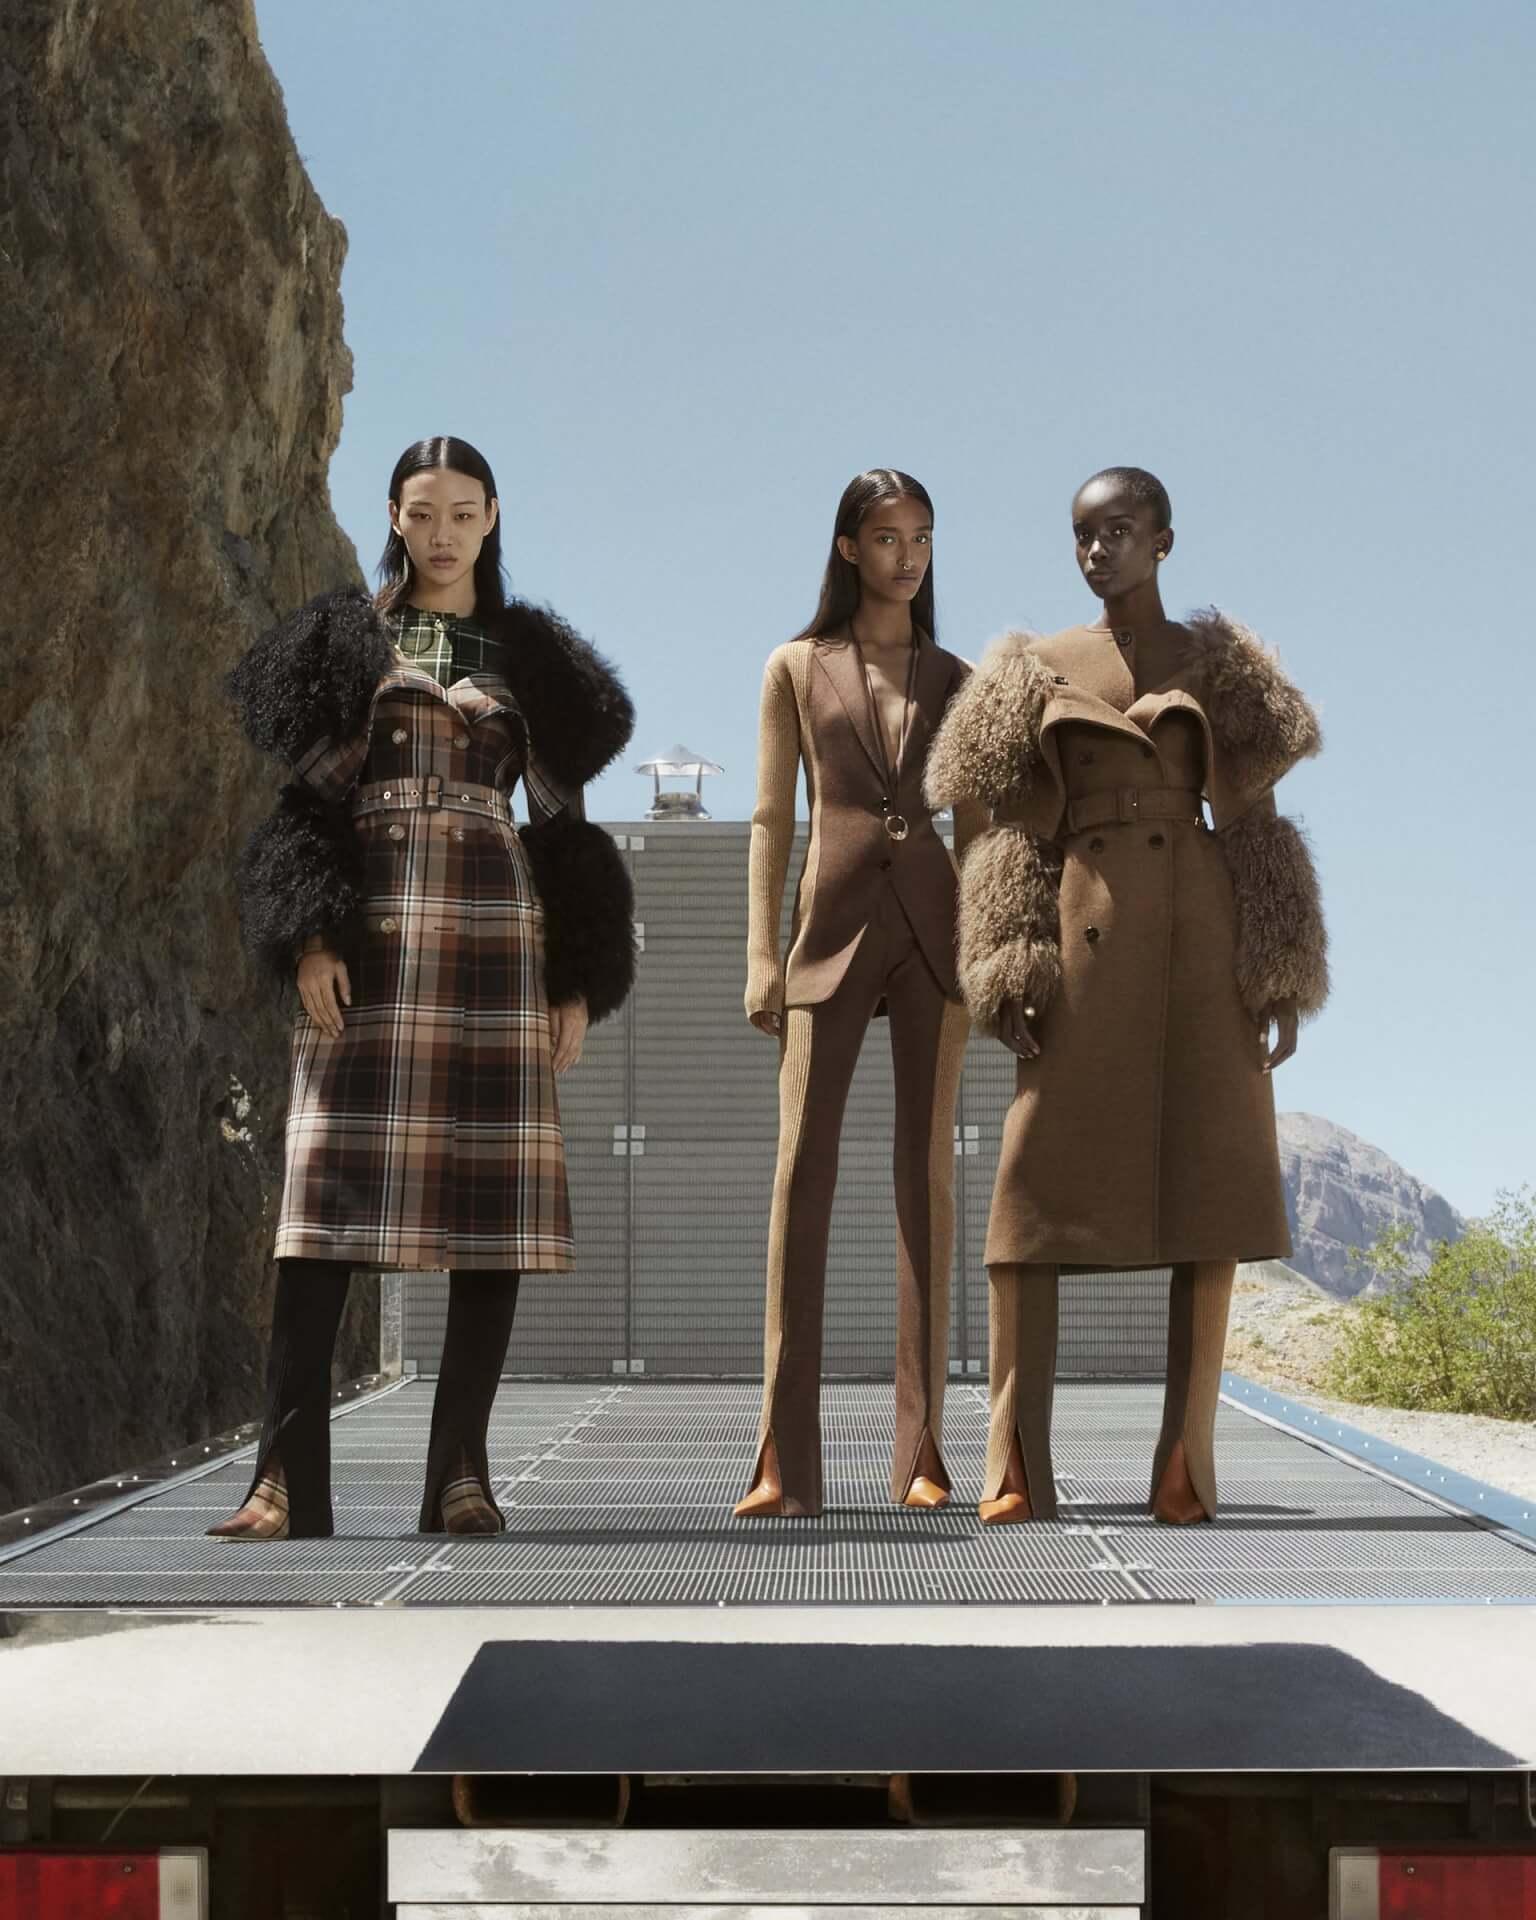 バーバリー2020年秋冬コレクションのキャンペーンが公開!マリアカルラ・ボスコーノやモナ・トゥガードらを起用 fashion2020924-Burberry5